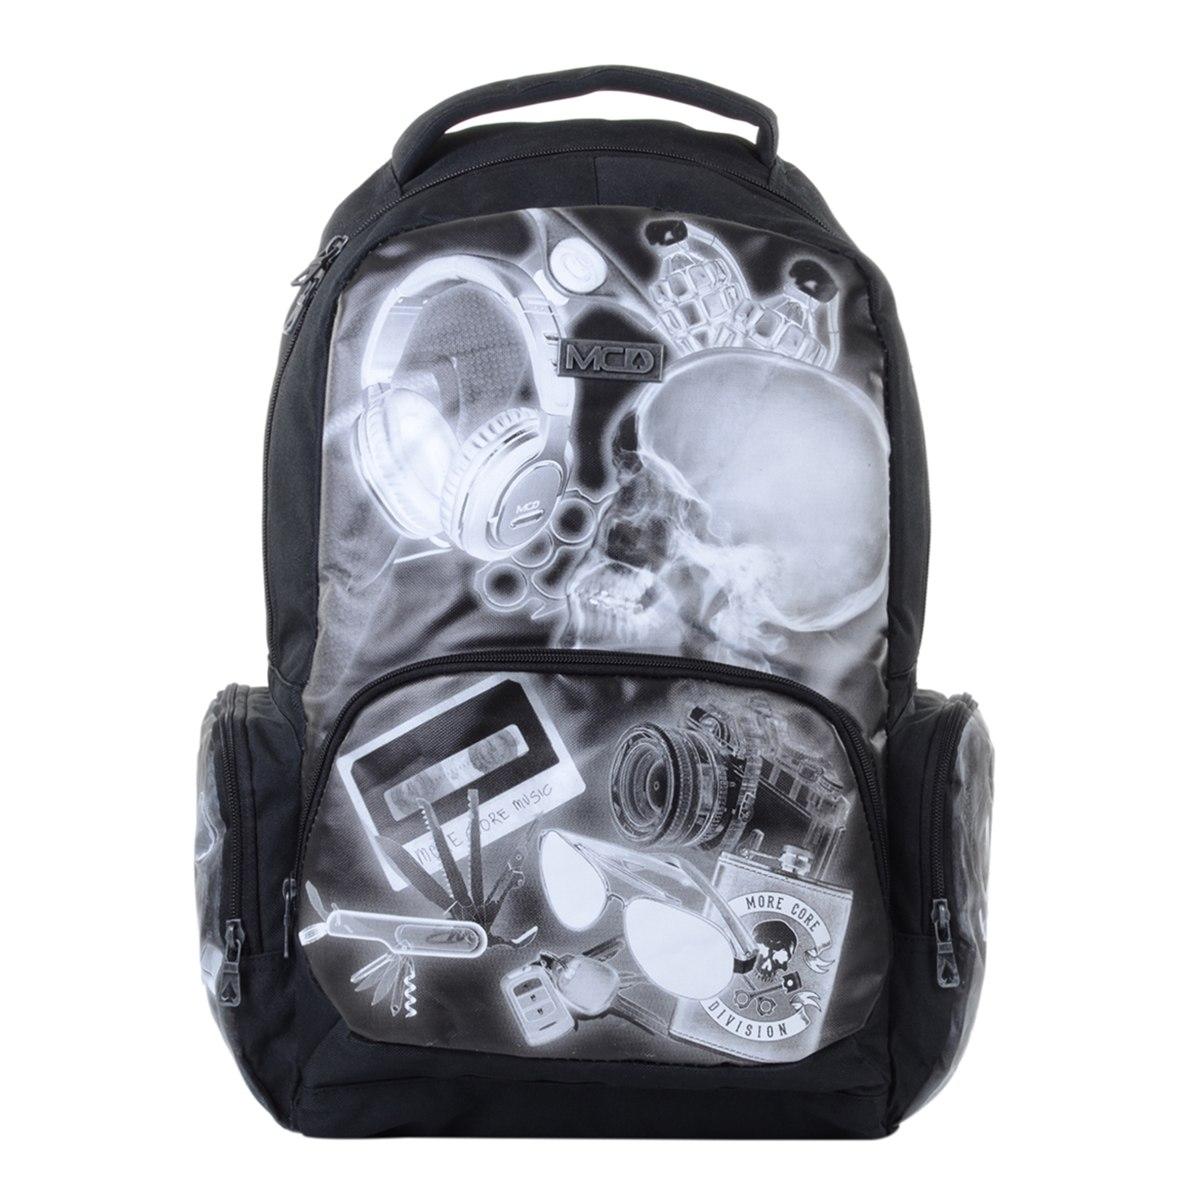 mochila masculina mcd back to school rx. Carregando zoom. d96d319f12e